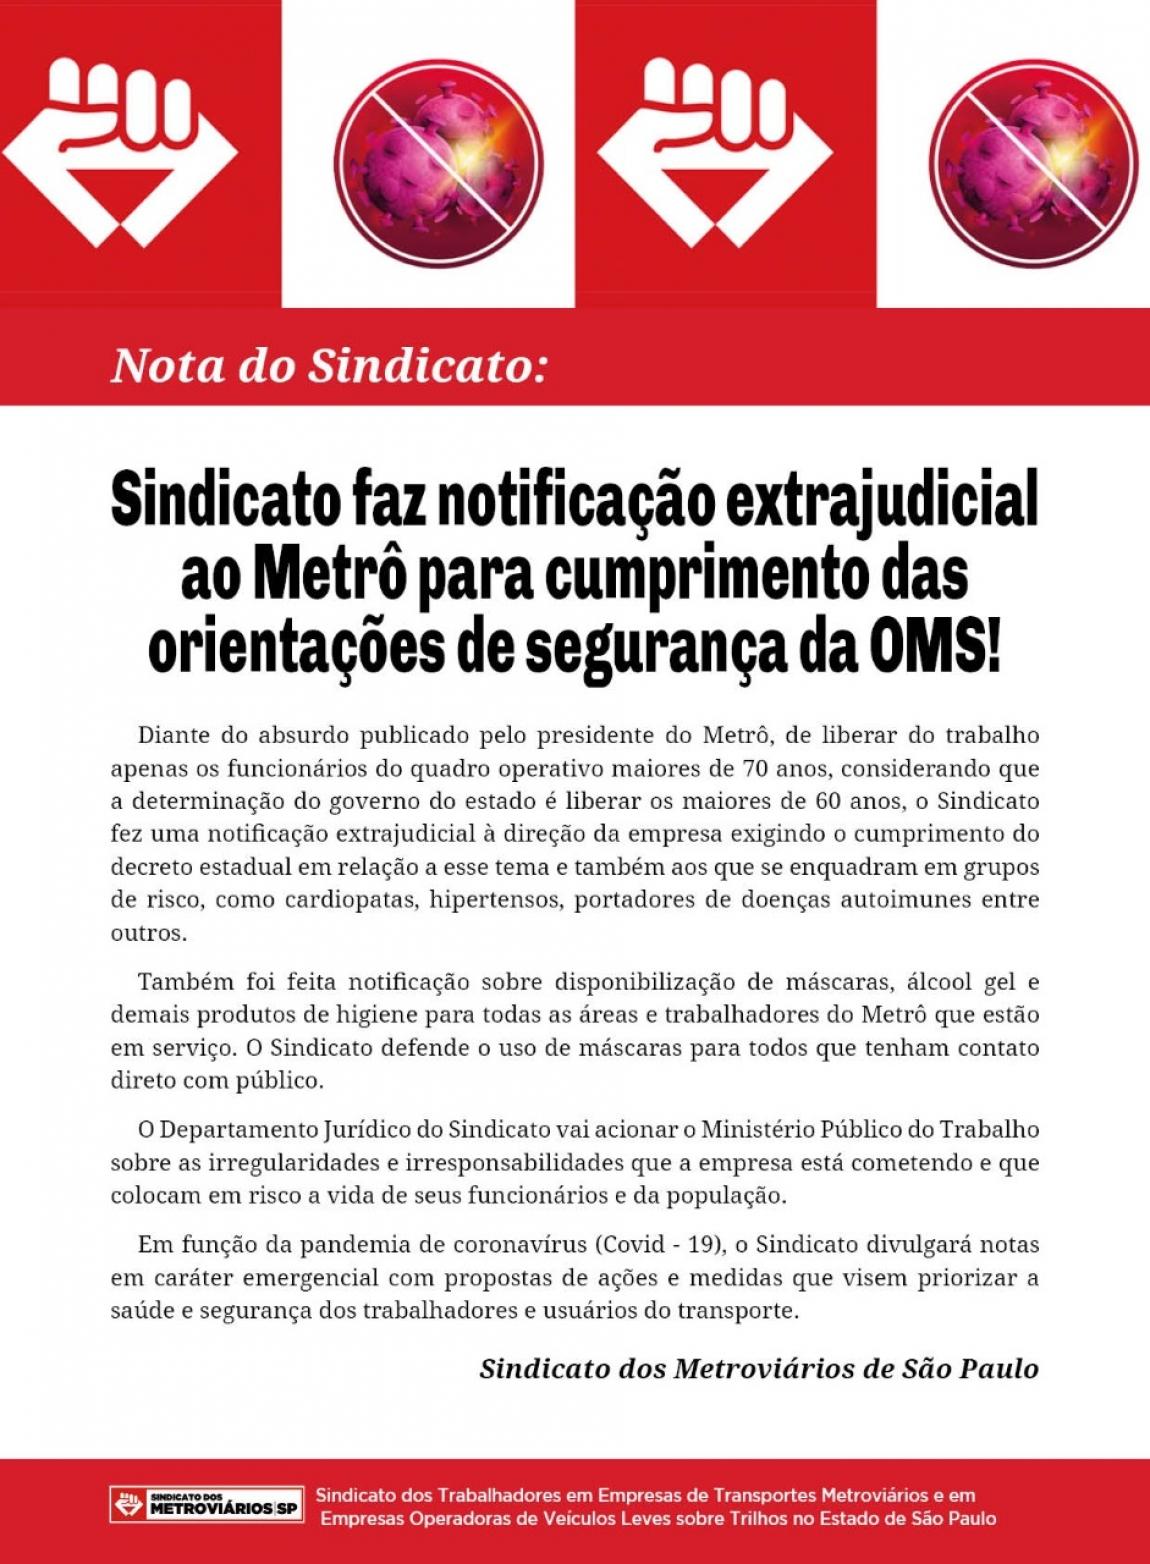 Imagem de Exclusivo: Confirmado em SP primeiro caso de metroviário contaminado por coronavírus